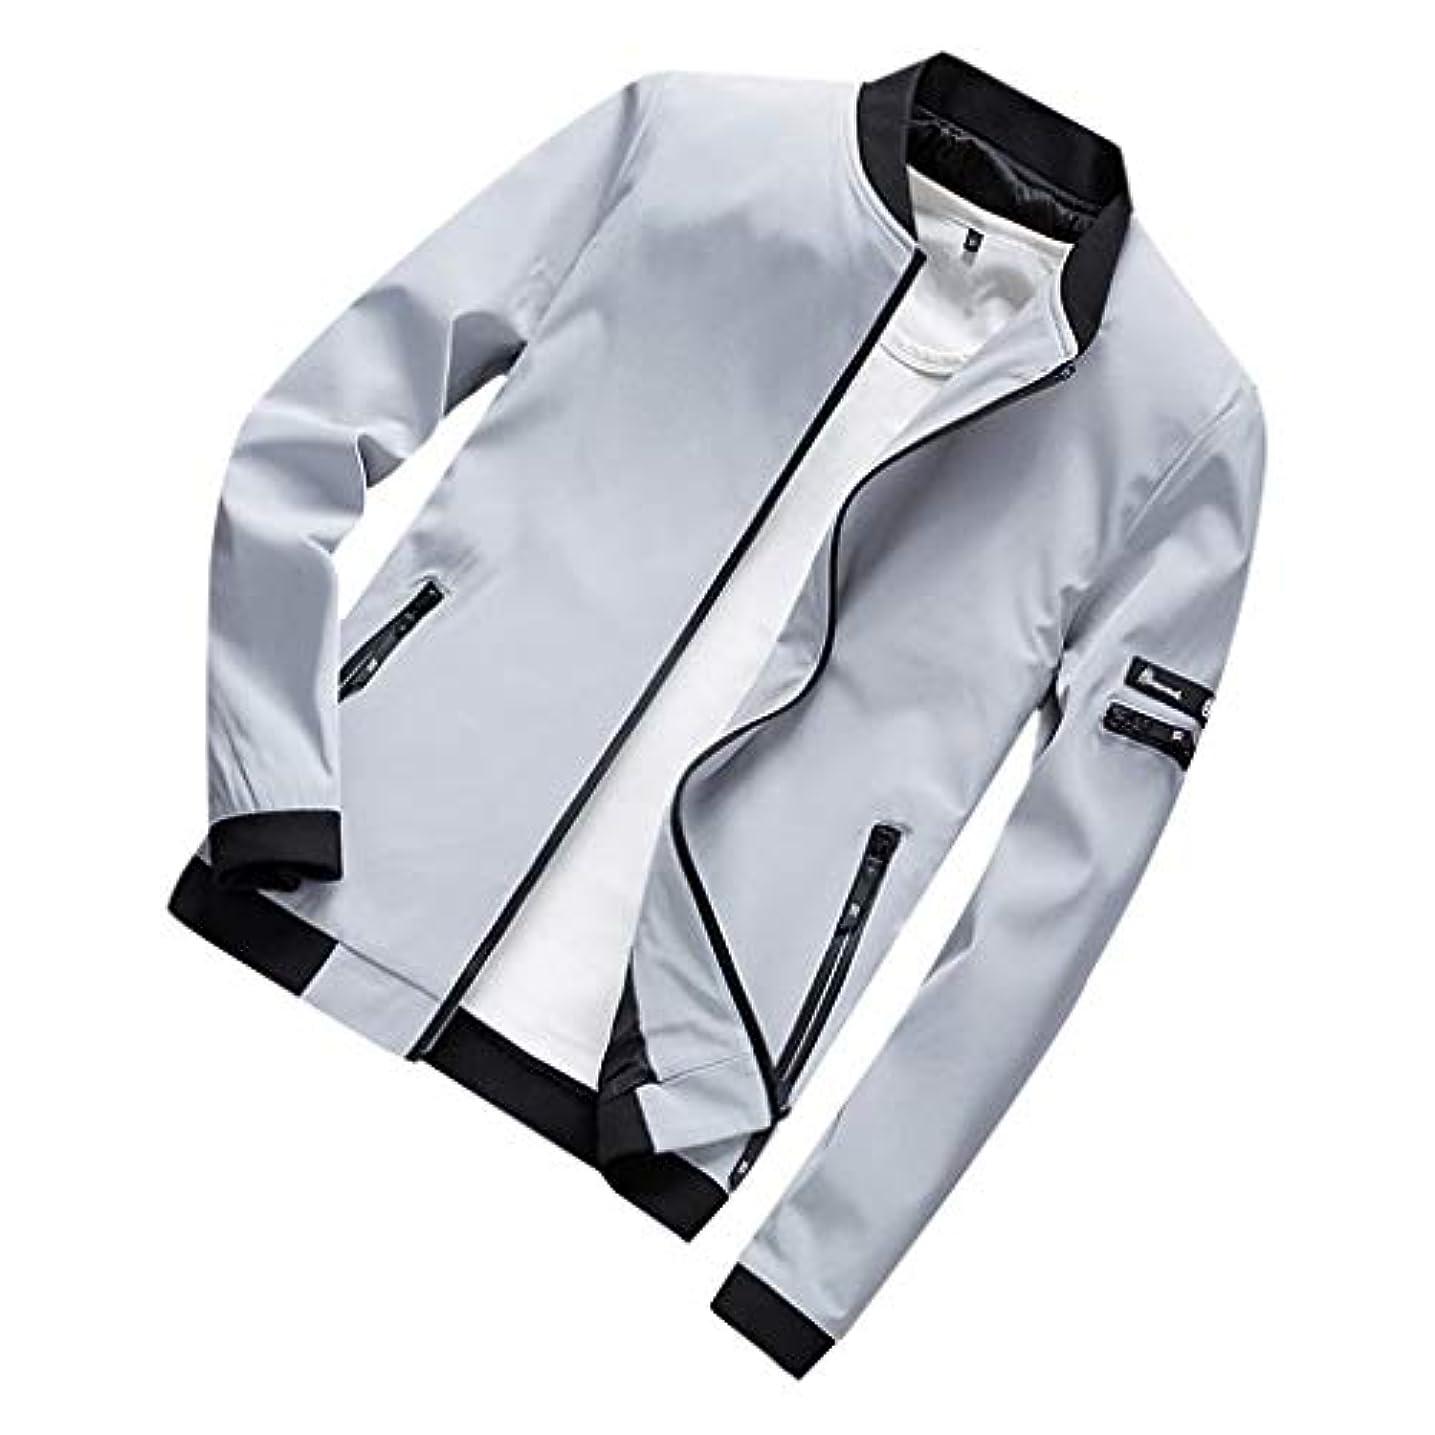 クレデンシャル奨励しますクリークジャケット メンズ コート ブルゾン 秋 冬 防水 無地 カジュアル 綿 大きいサイズ アウター 黒 ストレッチ ビジネスシャツ 細身 ジャケット